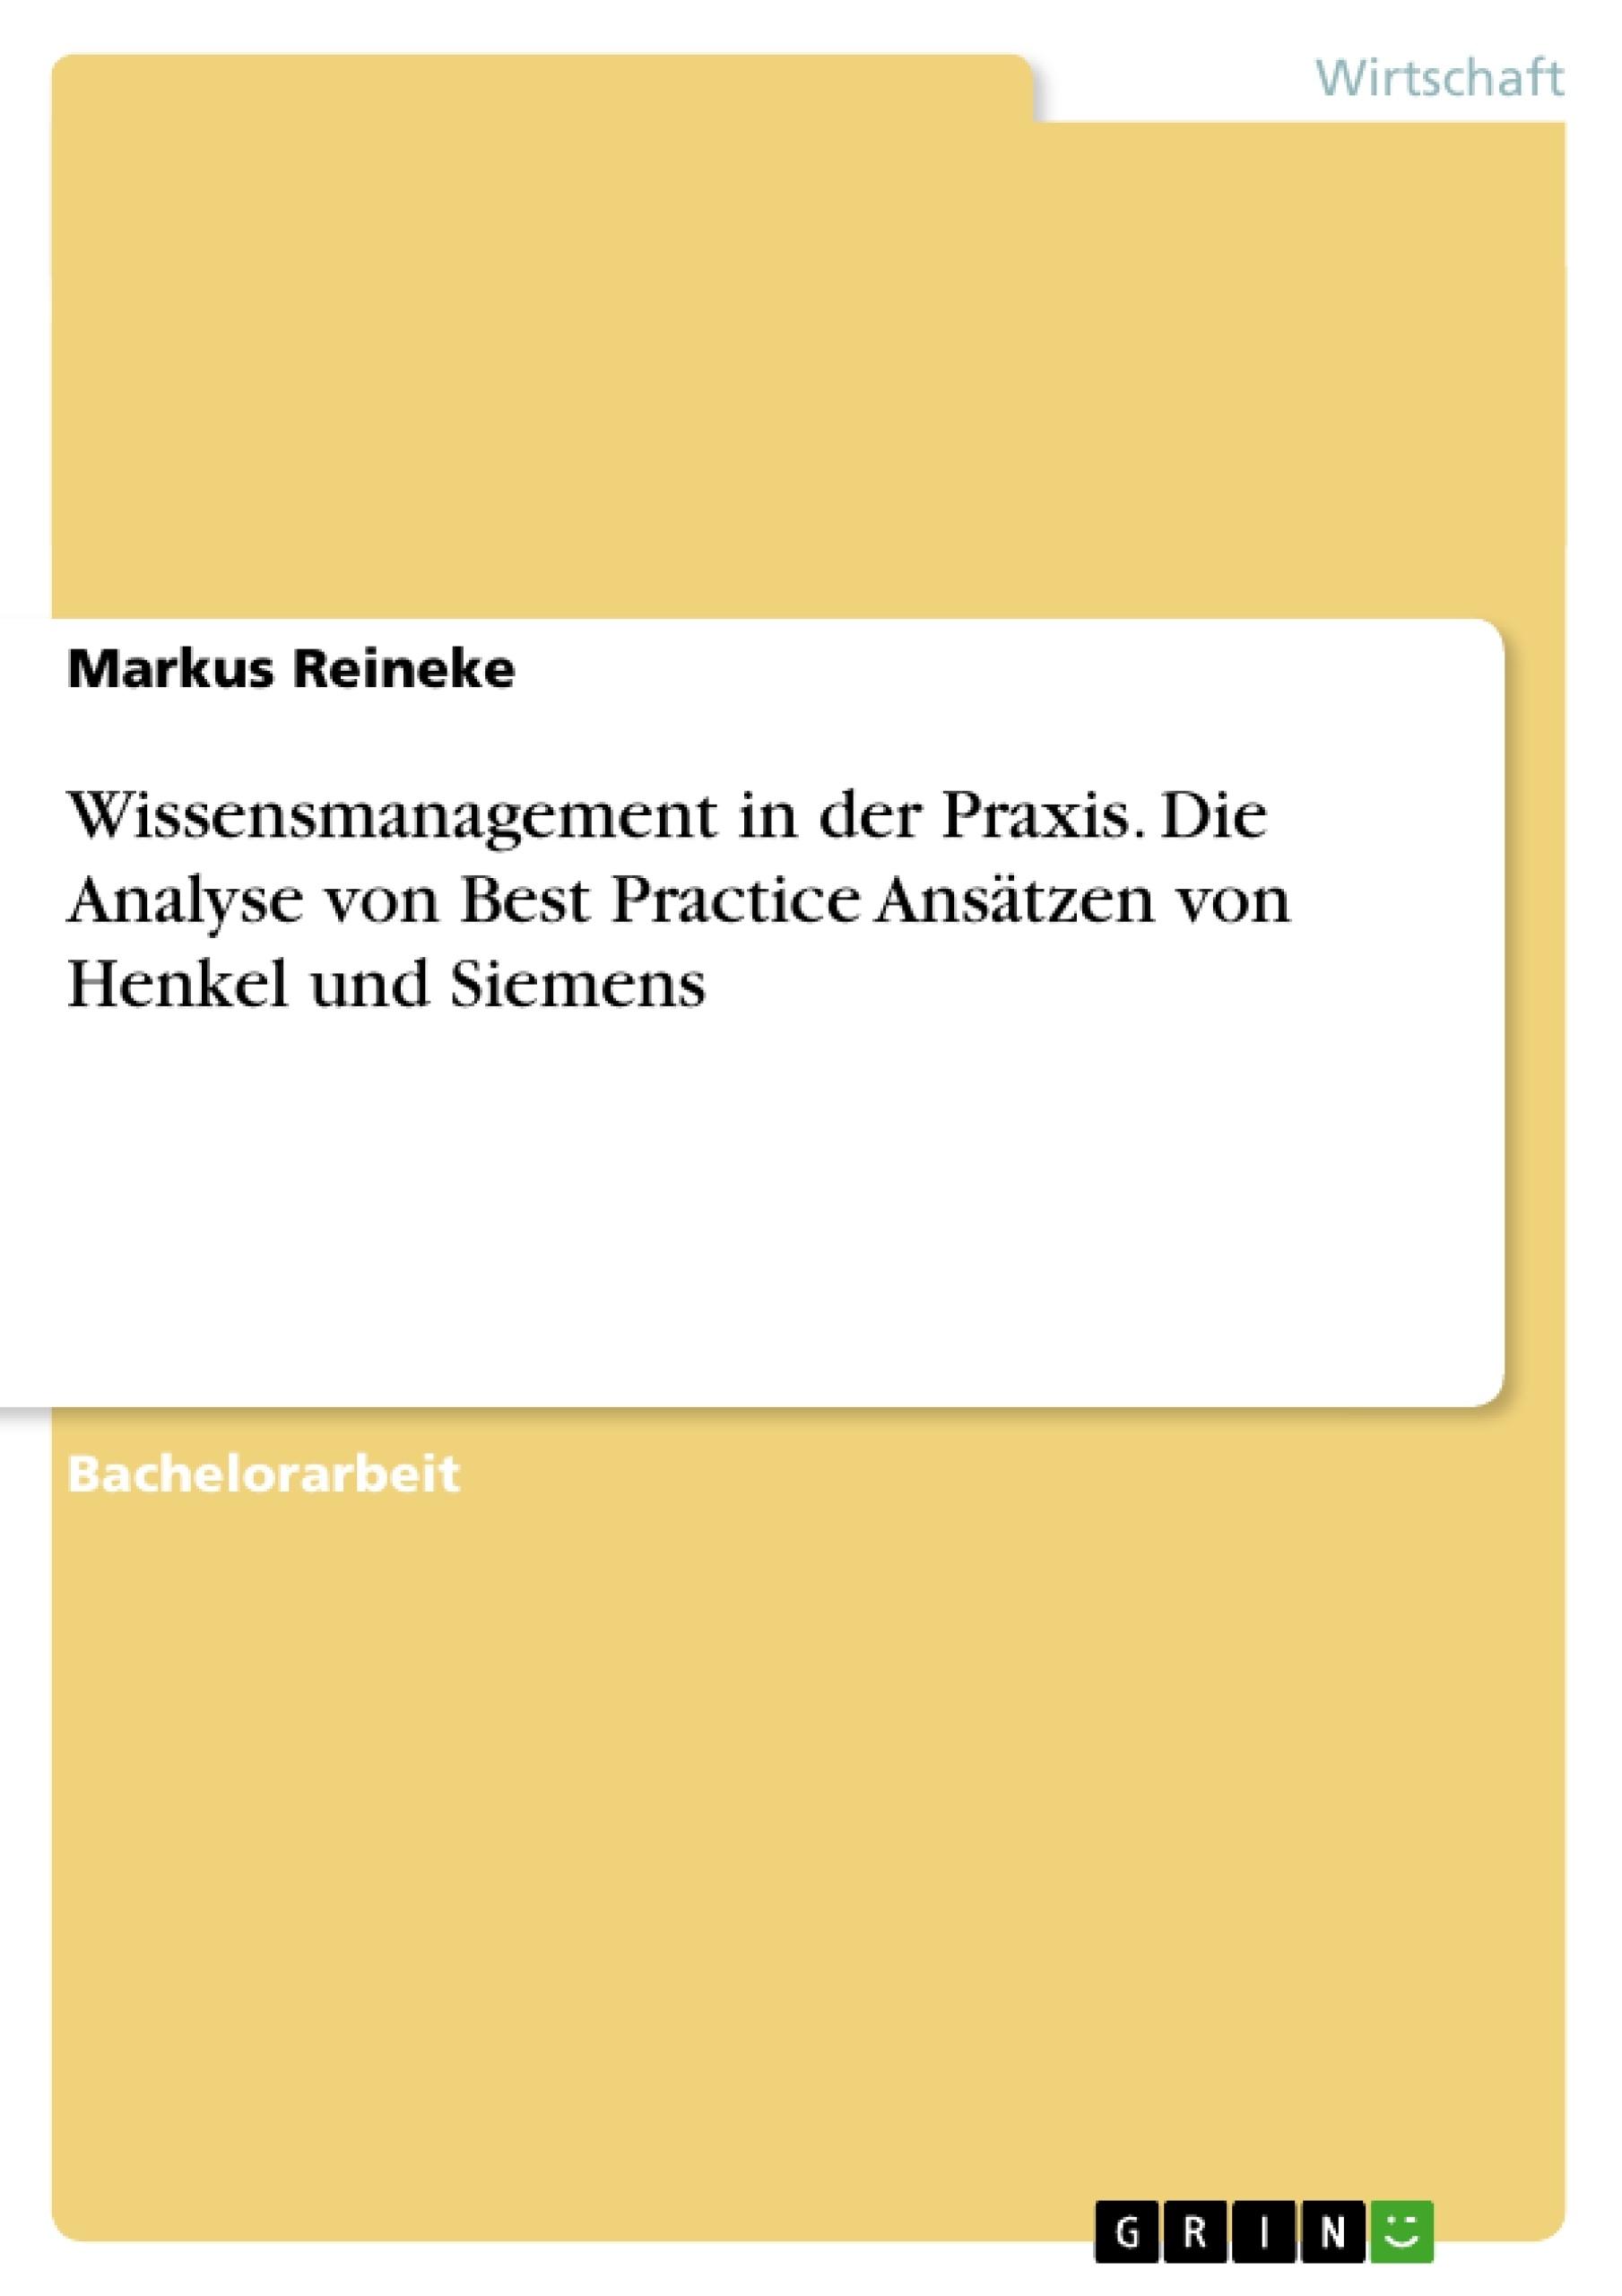 Titel: Wissensmanagement in der Praxis. Die Analyse von Best Practice Ansätzen von Henkel und Siemens